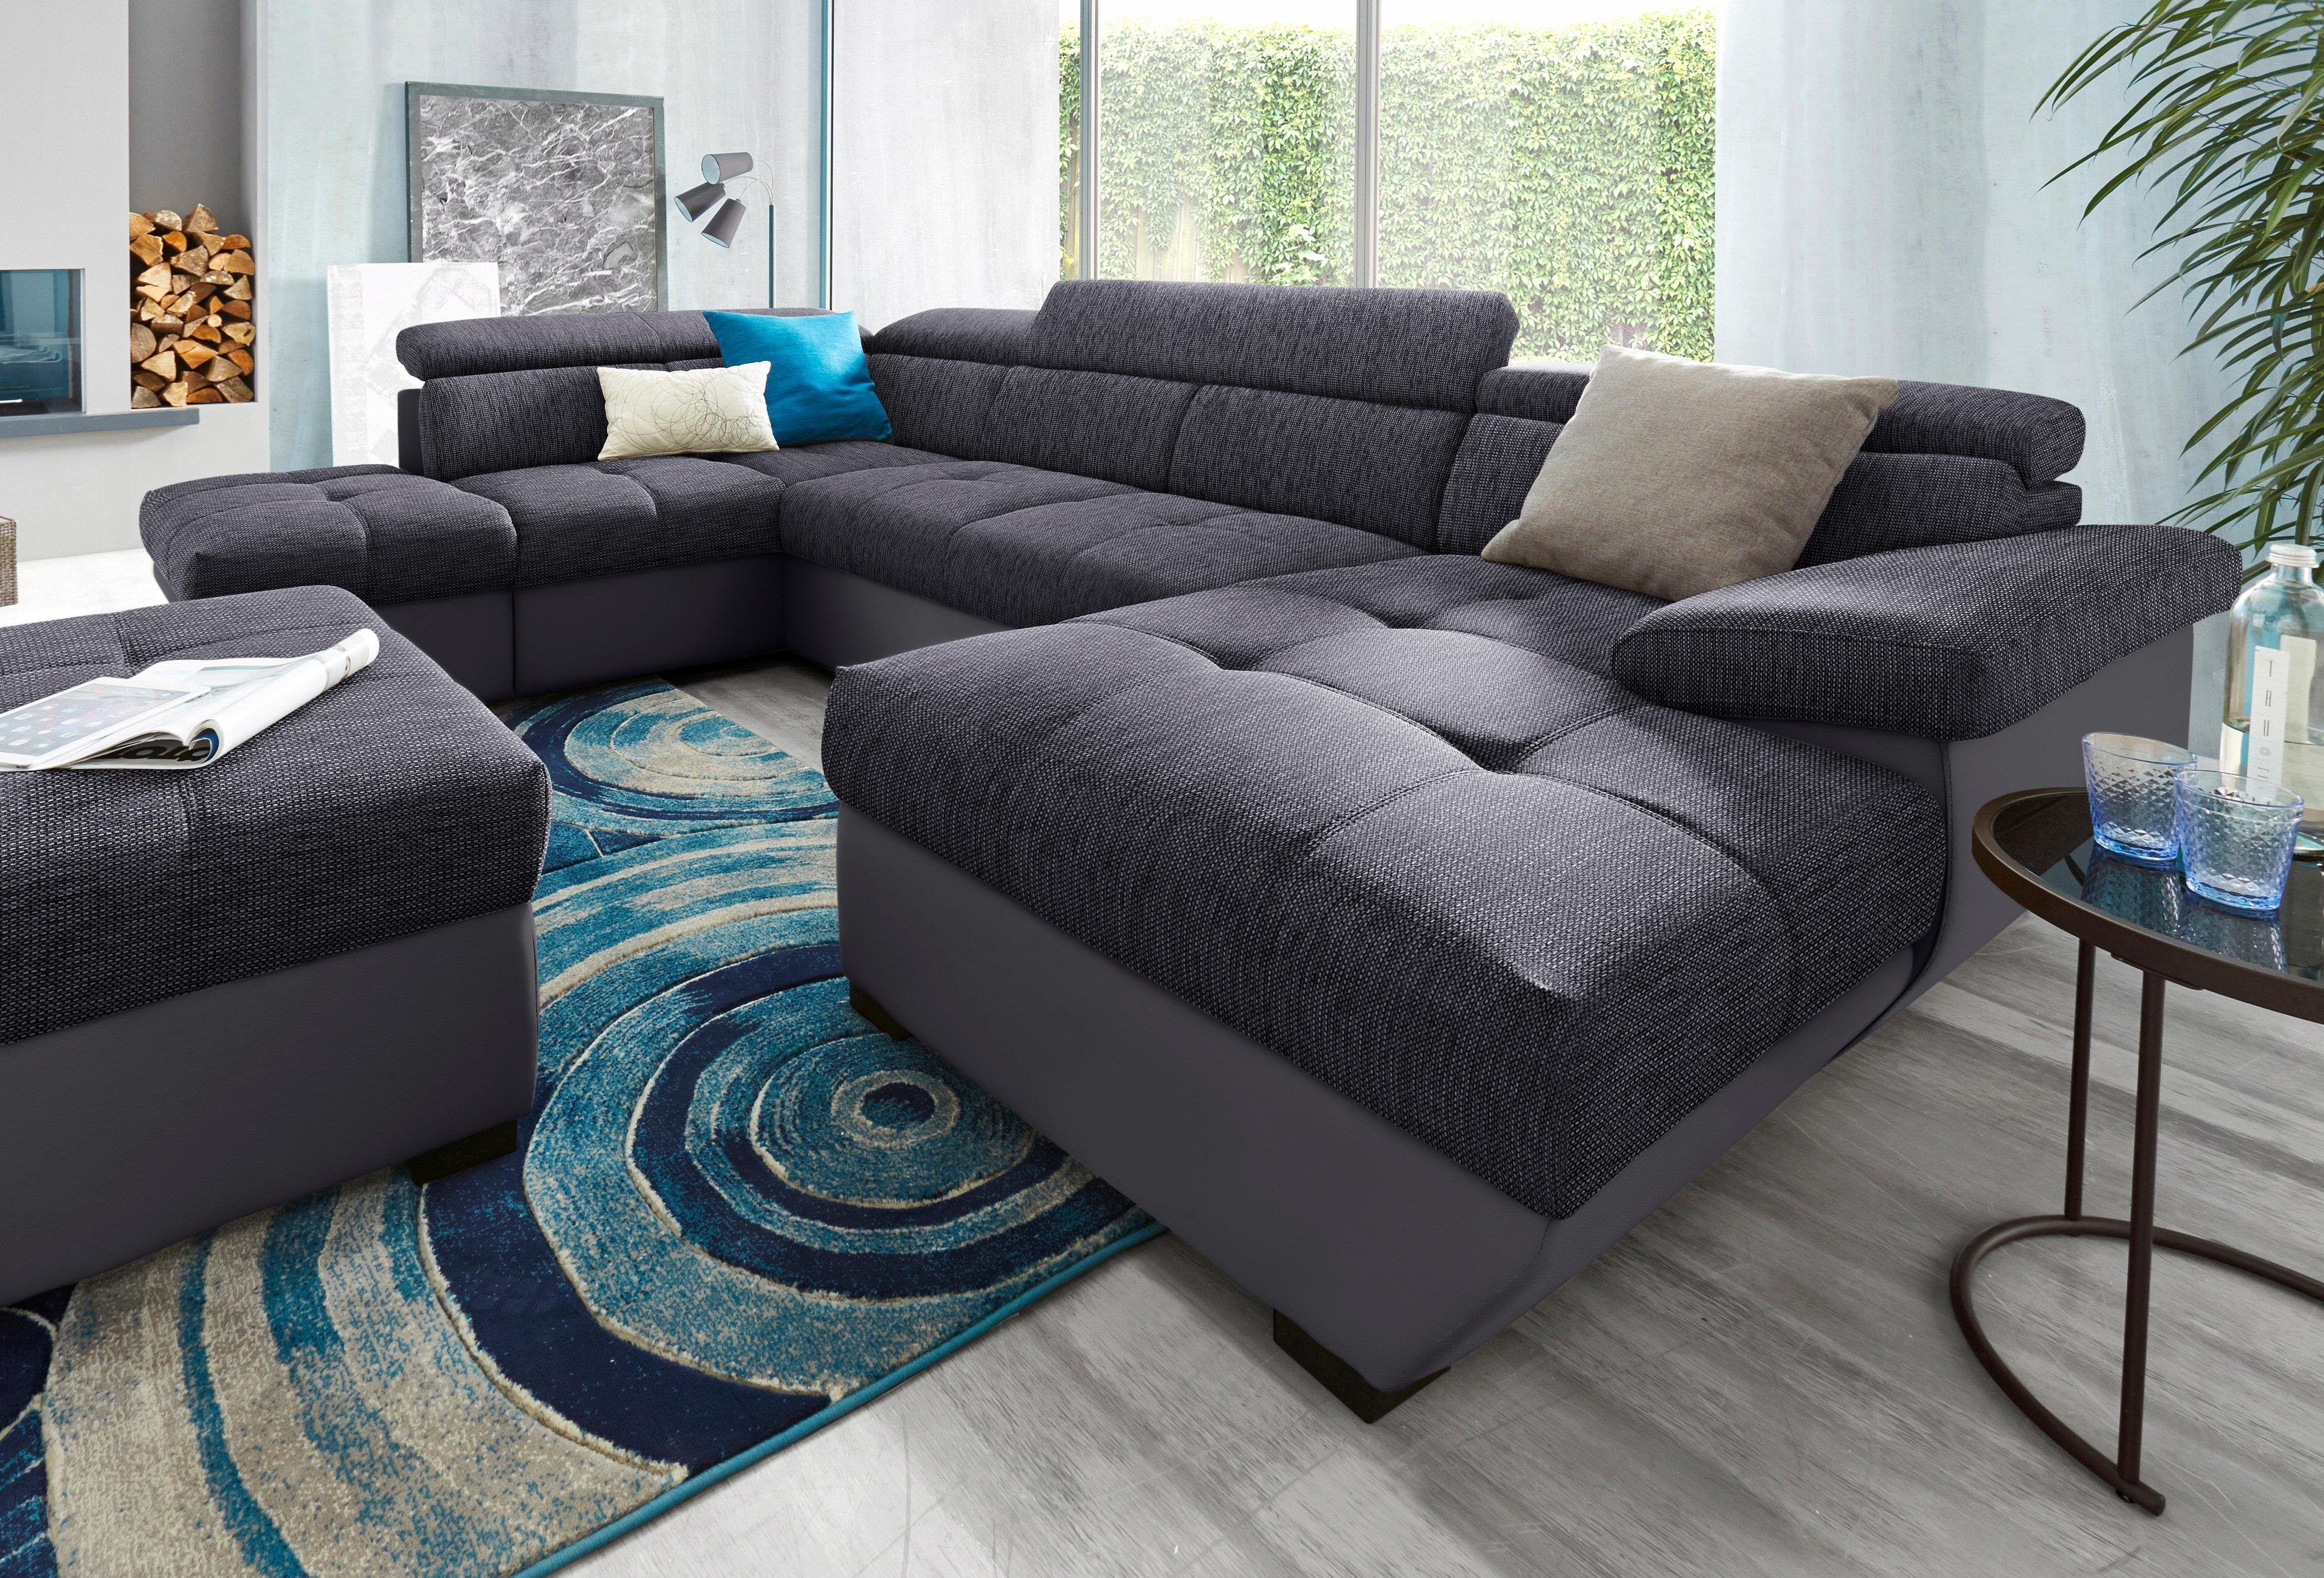 Cotta Wohnlandschaft Sofa Pinterest Sofa Couch Und Living Room